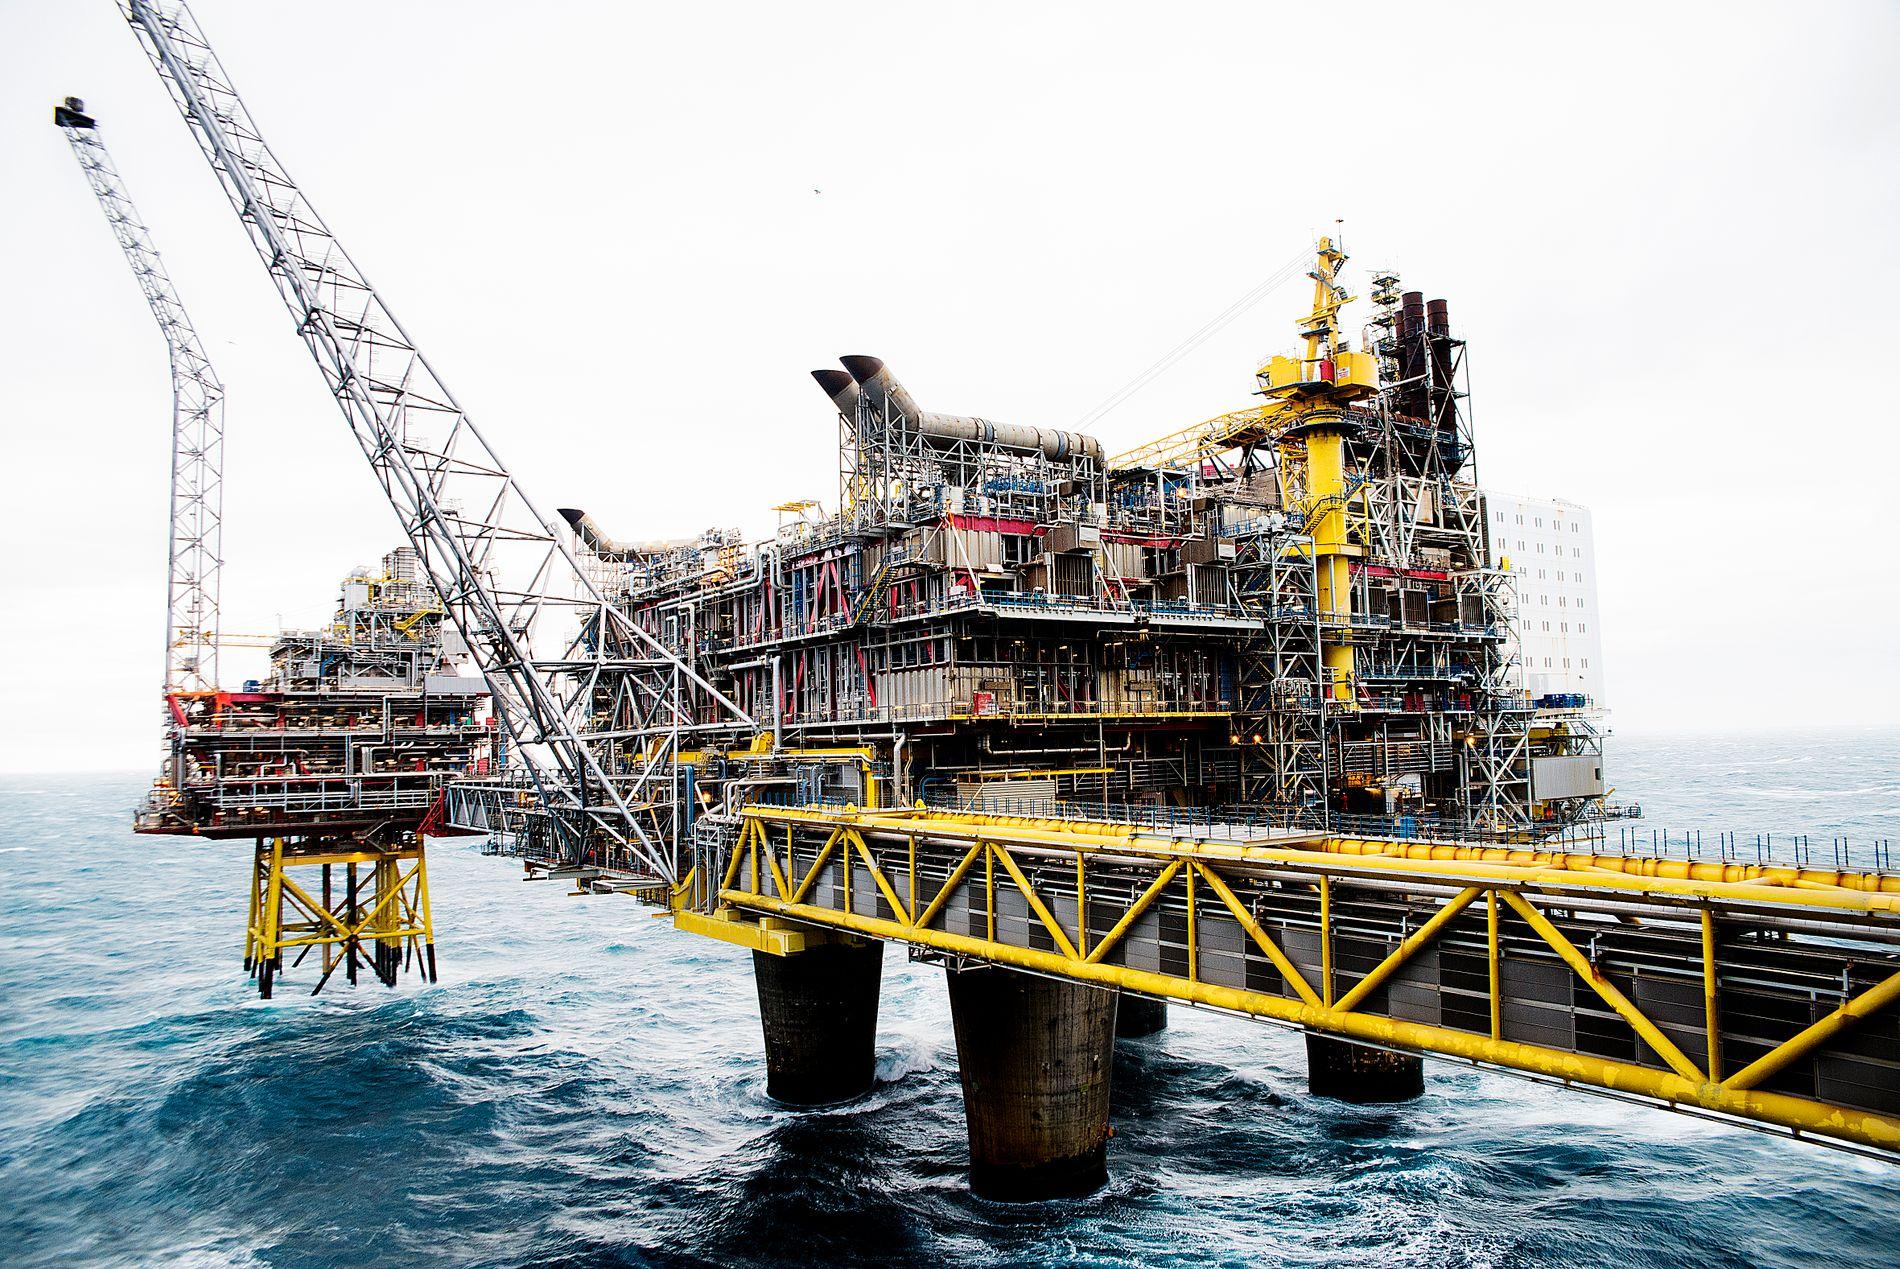 FORSKJELL:  Ap og Høyre er enige om de lange linjene i petroleumspolitikken, forskjellen i denne runden er at noen i Ap mener at staten ikke burde betale oljeselskapenes utgifter for å lete etter fossile energikilder, skriver innsender.